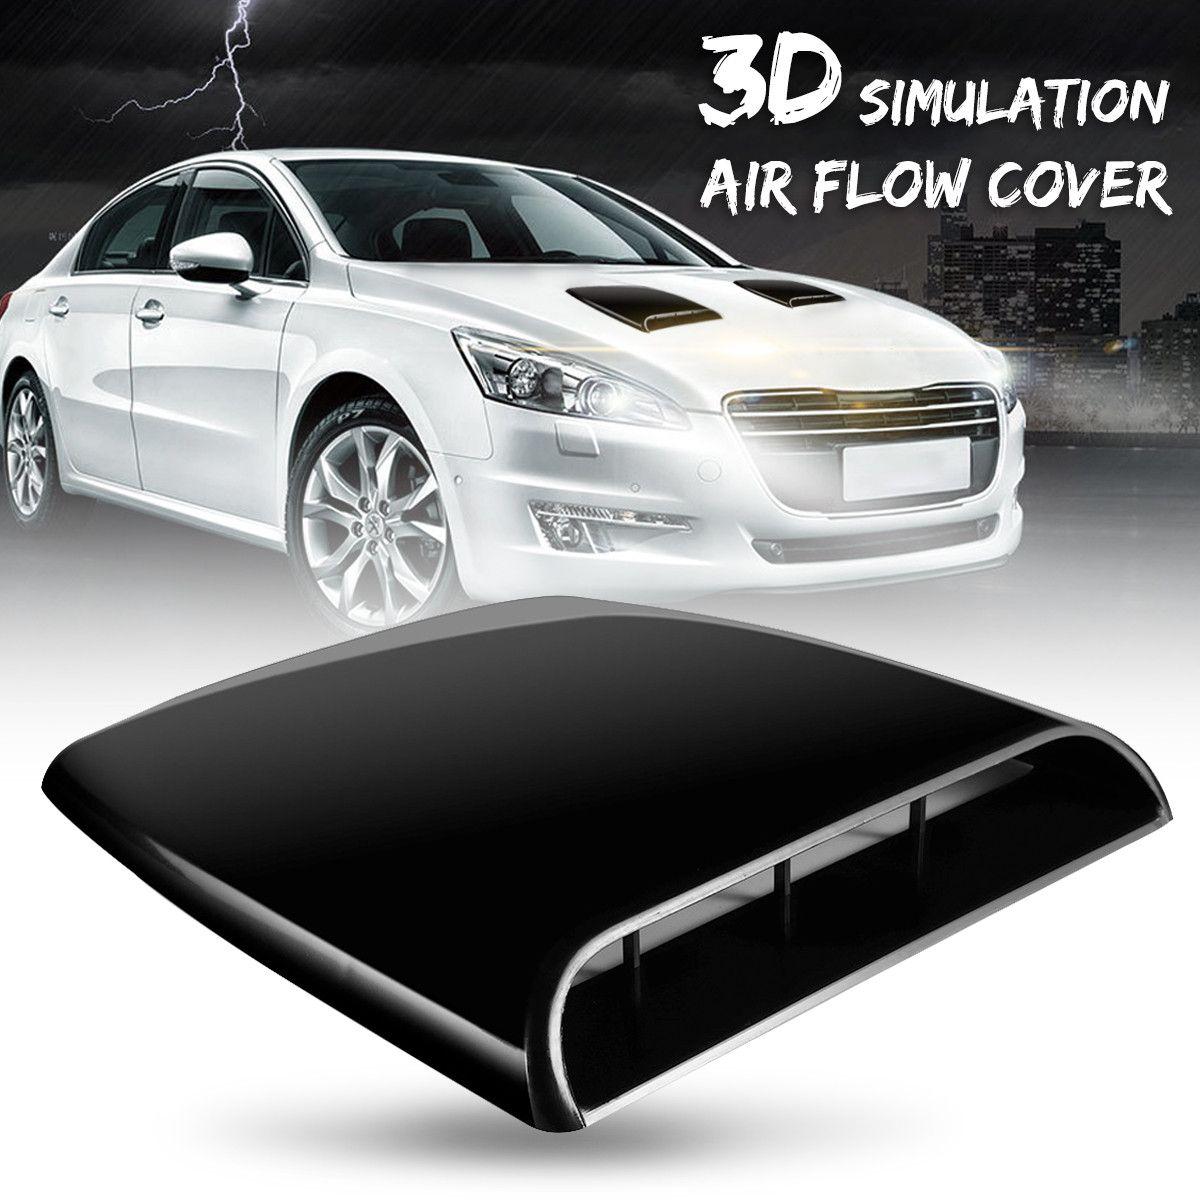 L'assunzione Auto Car 3D di simulazione del flusso d'aria decorativo scoop di cofano cofano Vent nero della copertura ABS Facilità di installazione solo per decorativo